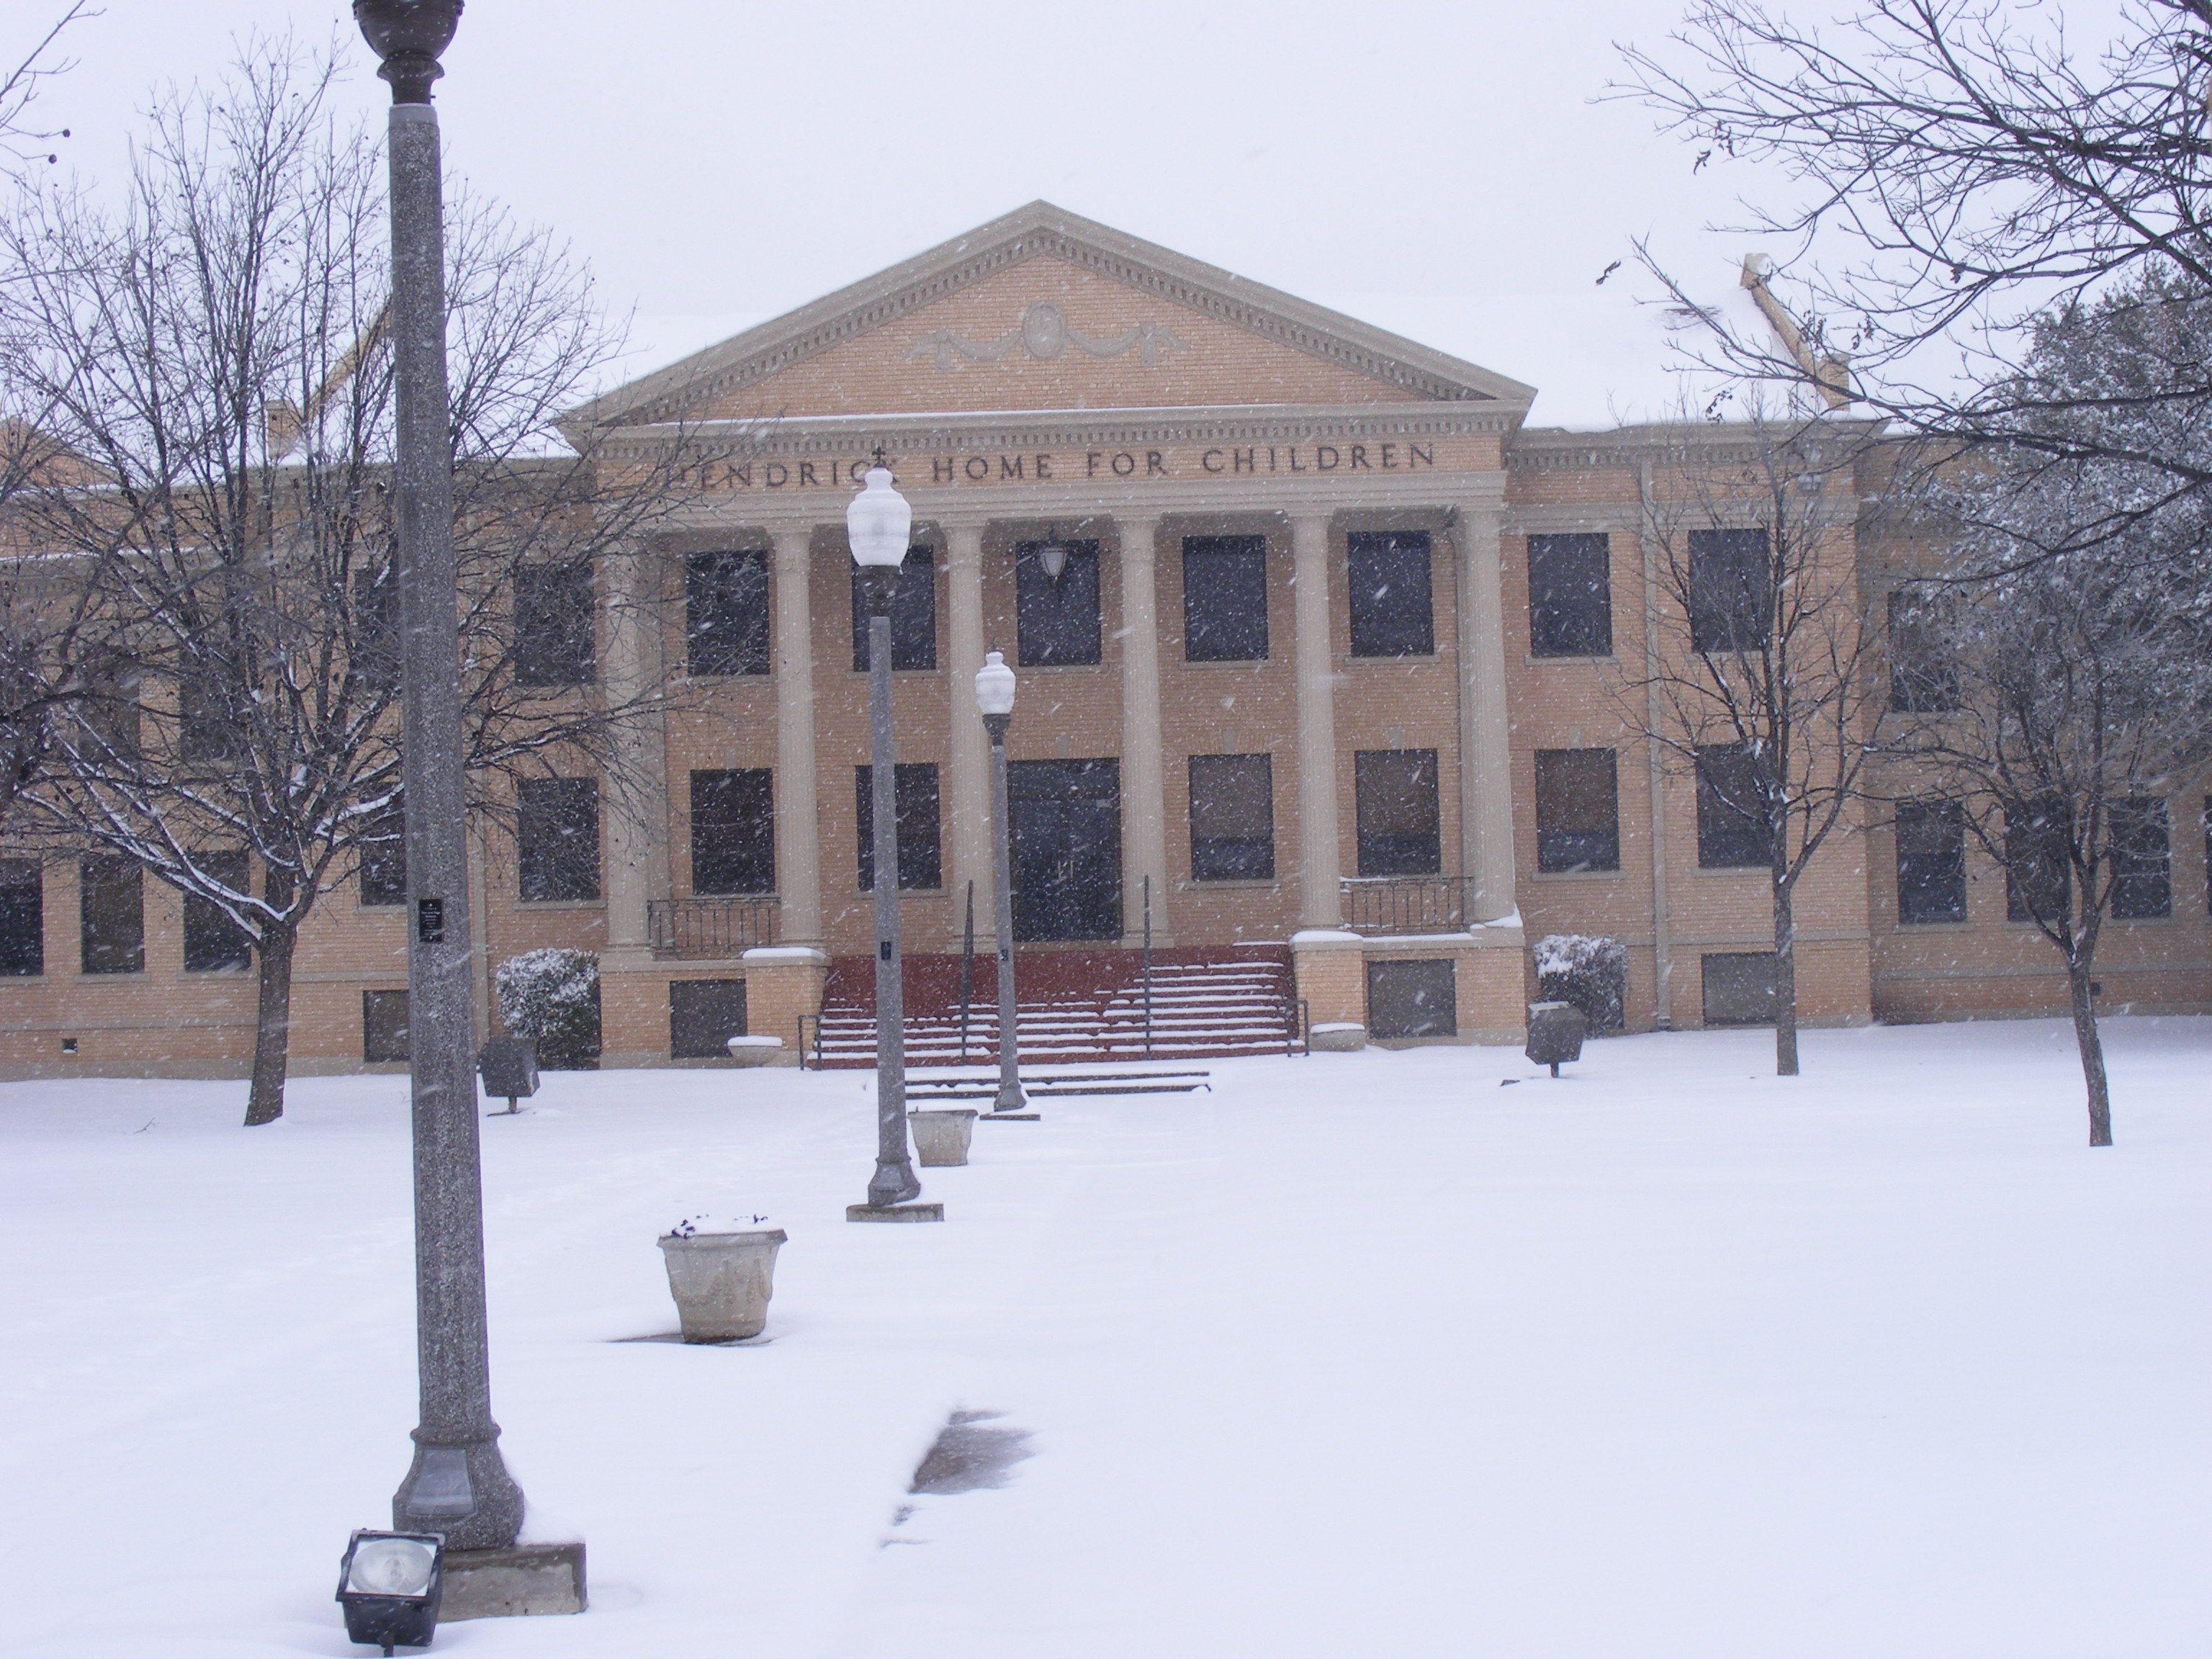 Hendrick Home In The Snow Winter Scene Abilene Winter Abilene Texas Winter Scenes Outdoor Abilene Texas